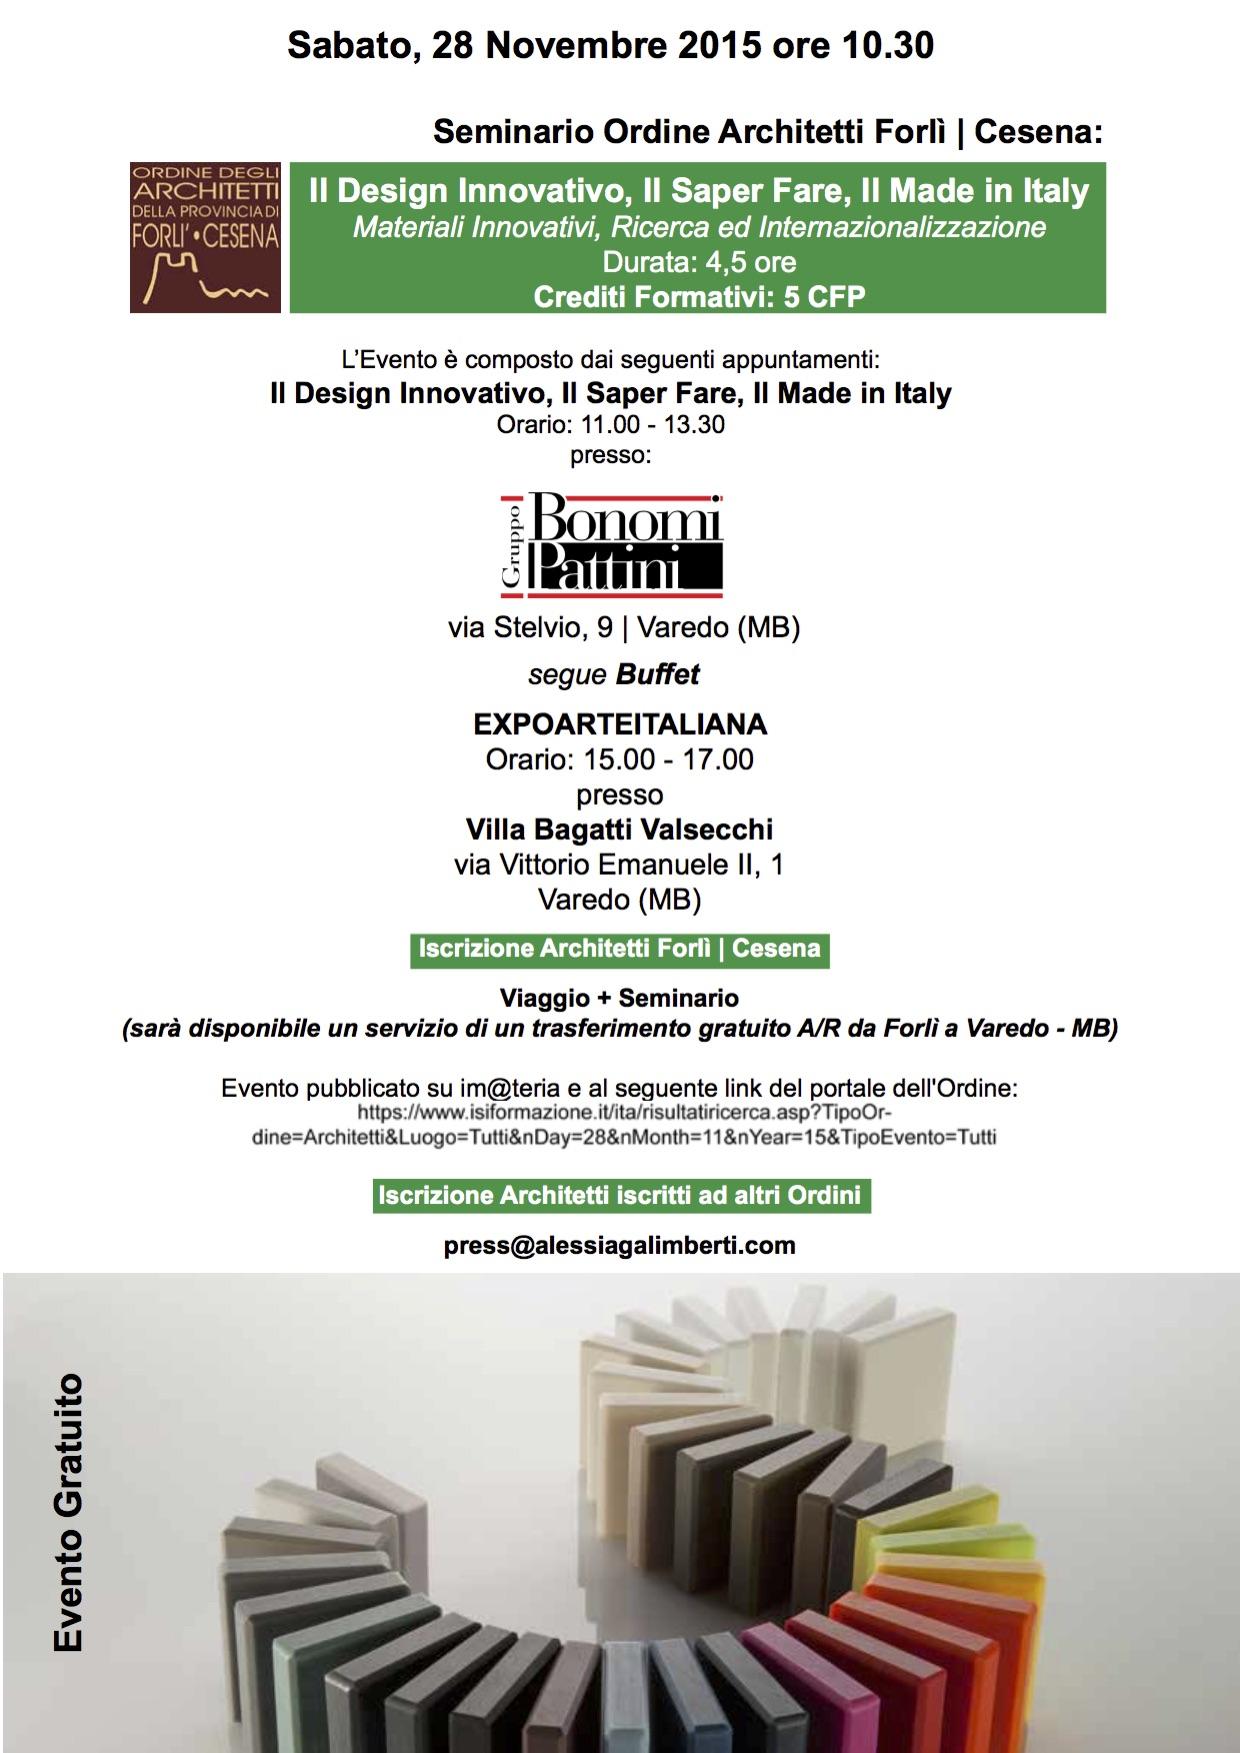 """Gruppo Bonomi Pattini ospita il seminario """"Il Design Innovativo, Il Saper Fare, Il Made in Italy"""""""